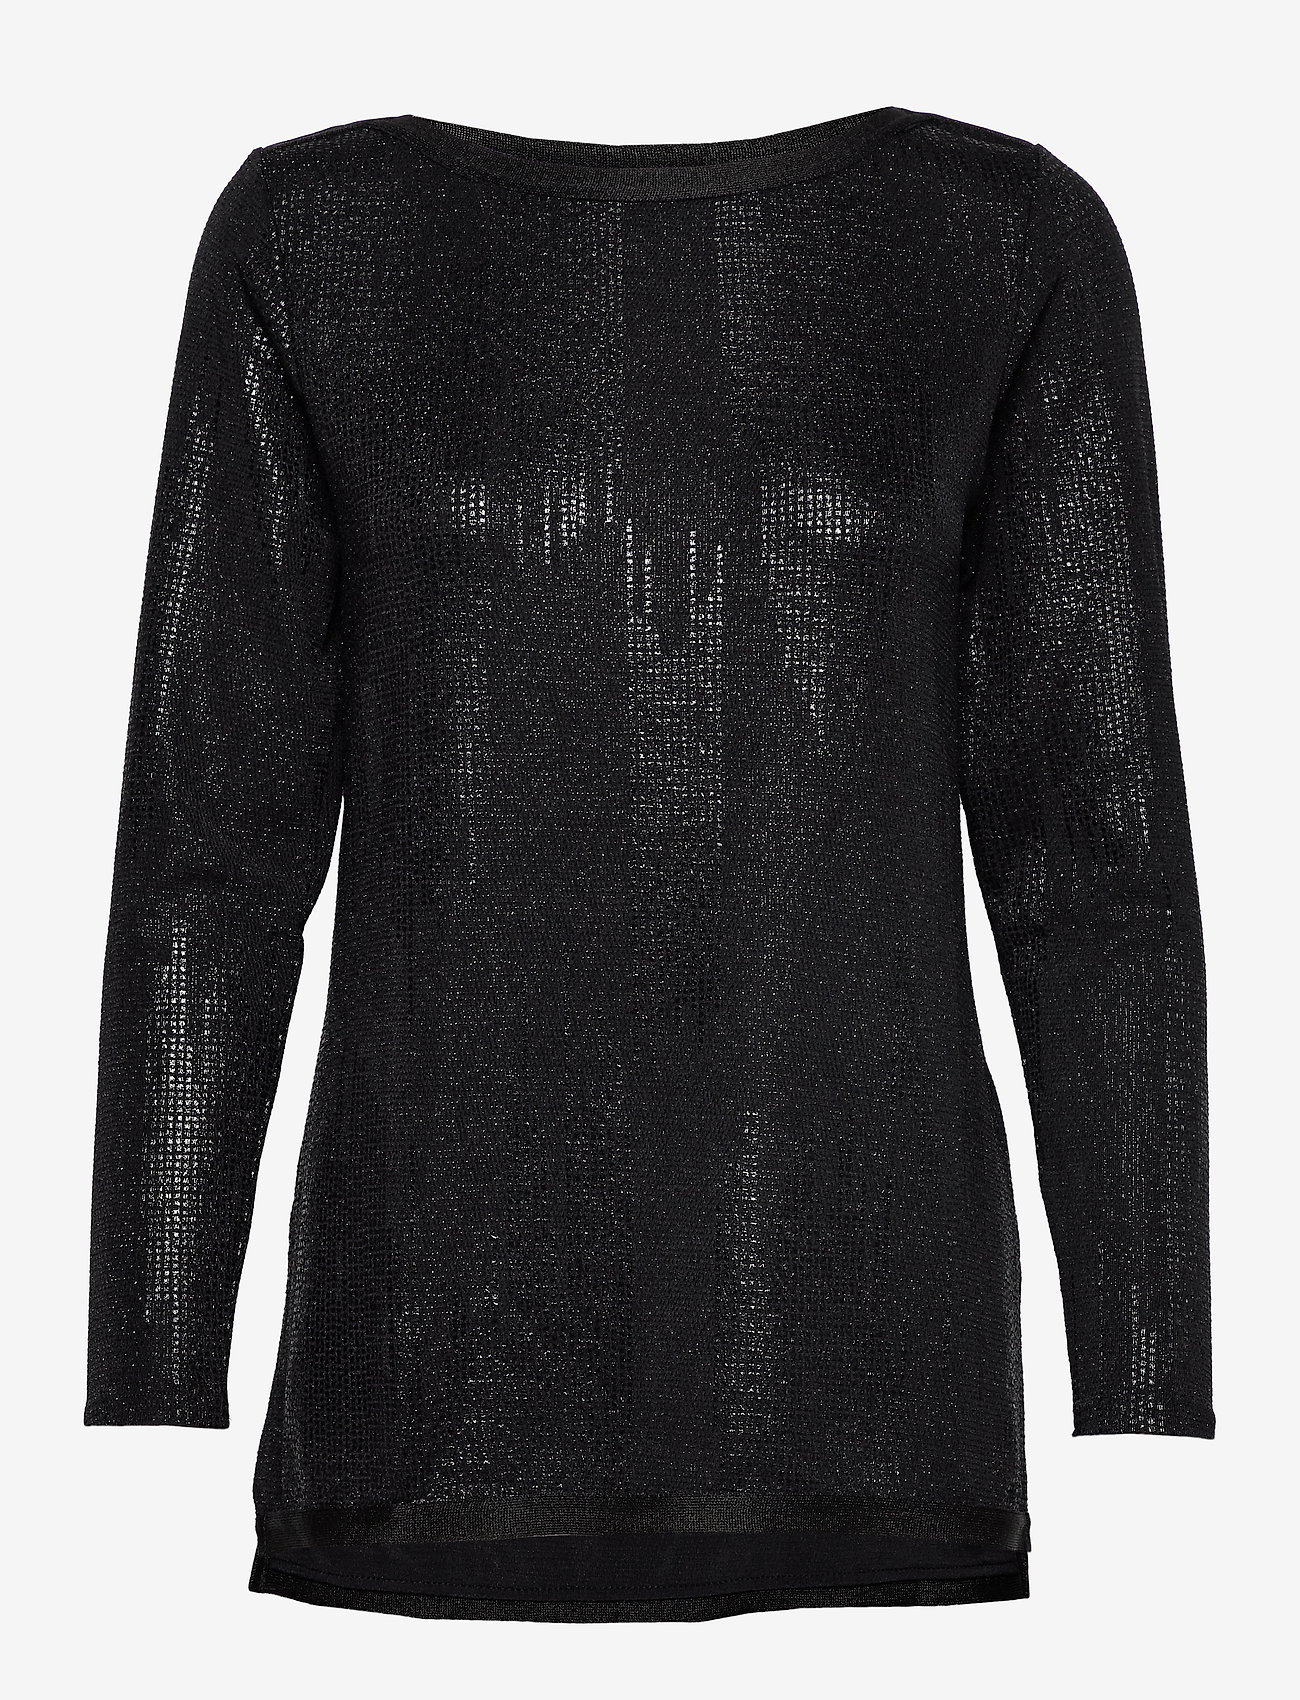 Ilse Jacobsen - BLOUSE - blouses à manches longues - black - 0